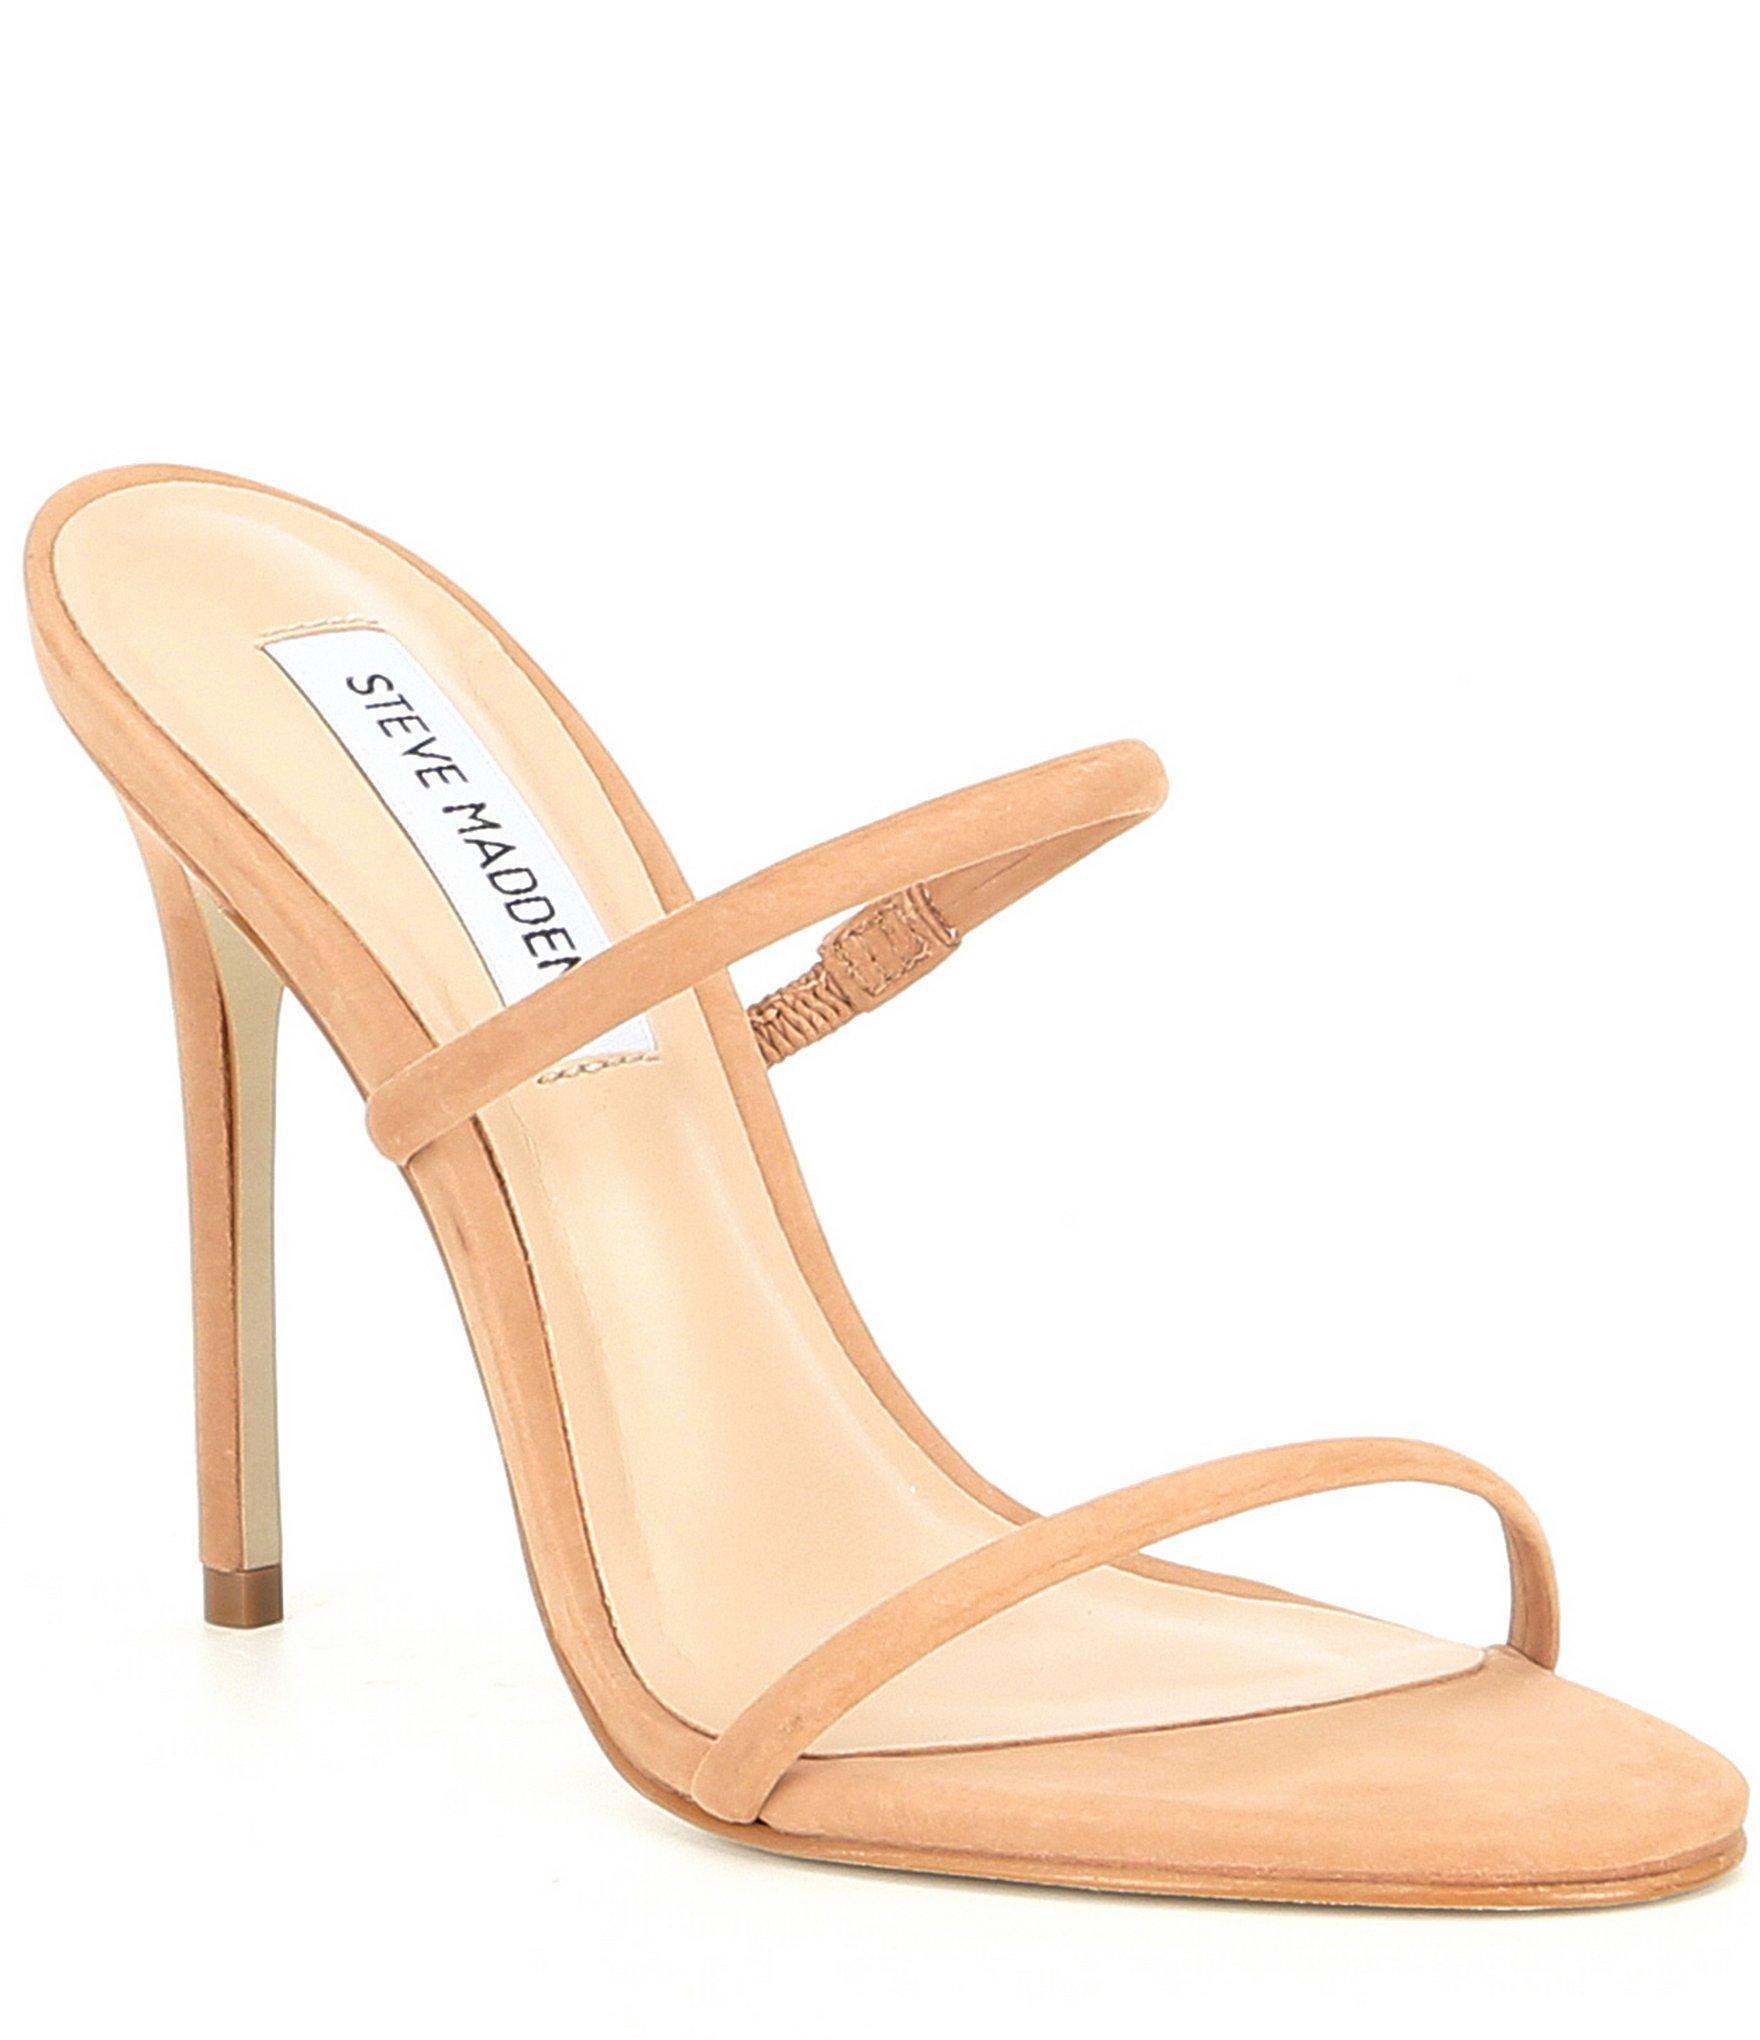 Mina Suede Strappy Stiletto Sandals